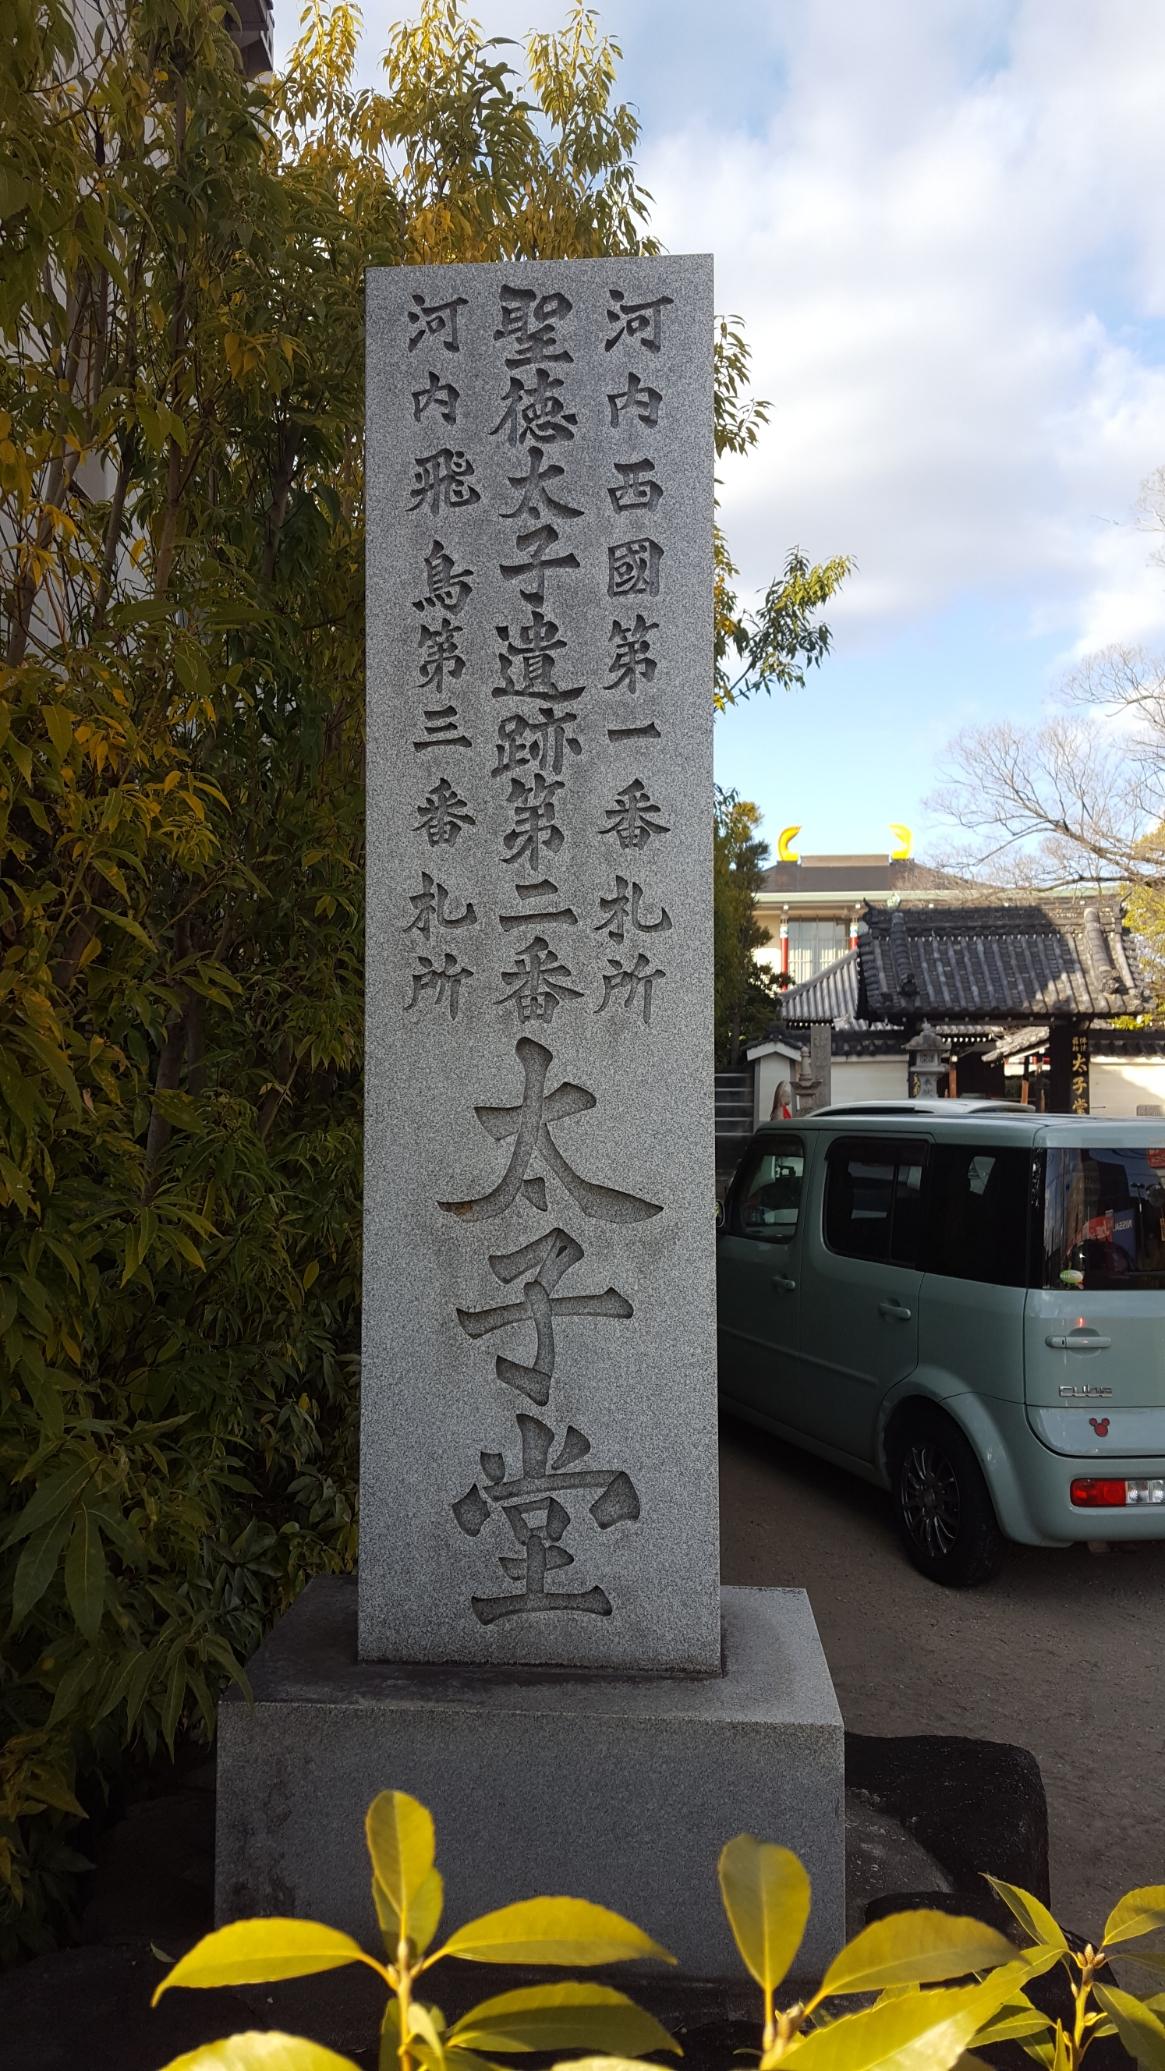 門前左にある石柱には「河内飛鳥古寺霊場」、「聖徳太子遺跡」、「河内飛鳥札所」と記されており飛鳥時代に建立されたものと分かります。